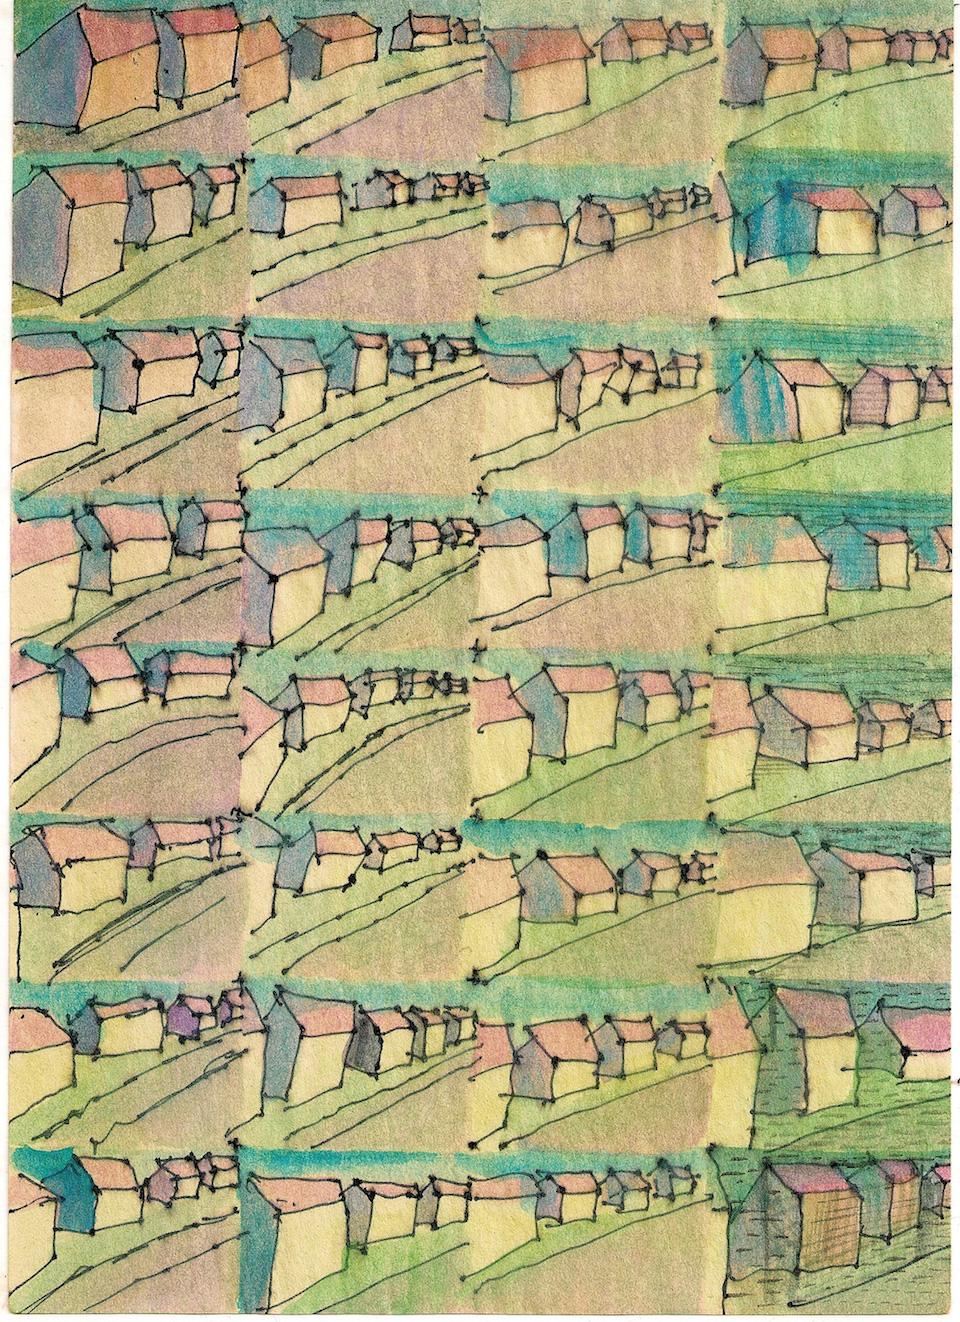 (写真について)《Night and Day Watch/black, blue, red and violet》2014 インク、水彩、再生紙、アニメーション ループ、シングルチャンネル・ヴィデオ、サウンド Courtesy of the artist and TAKE NINAGAWA